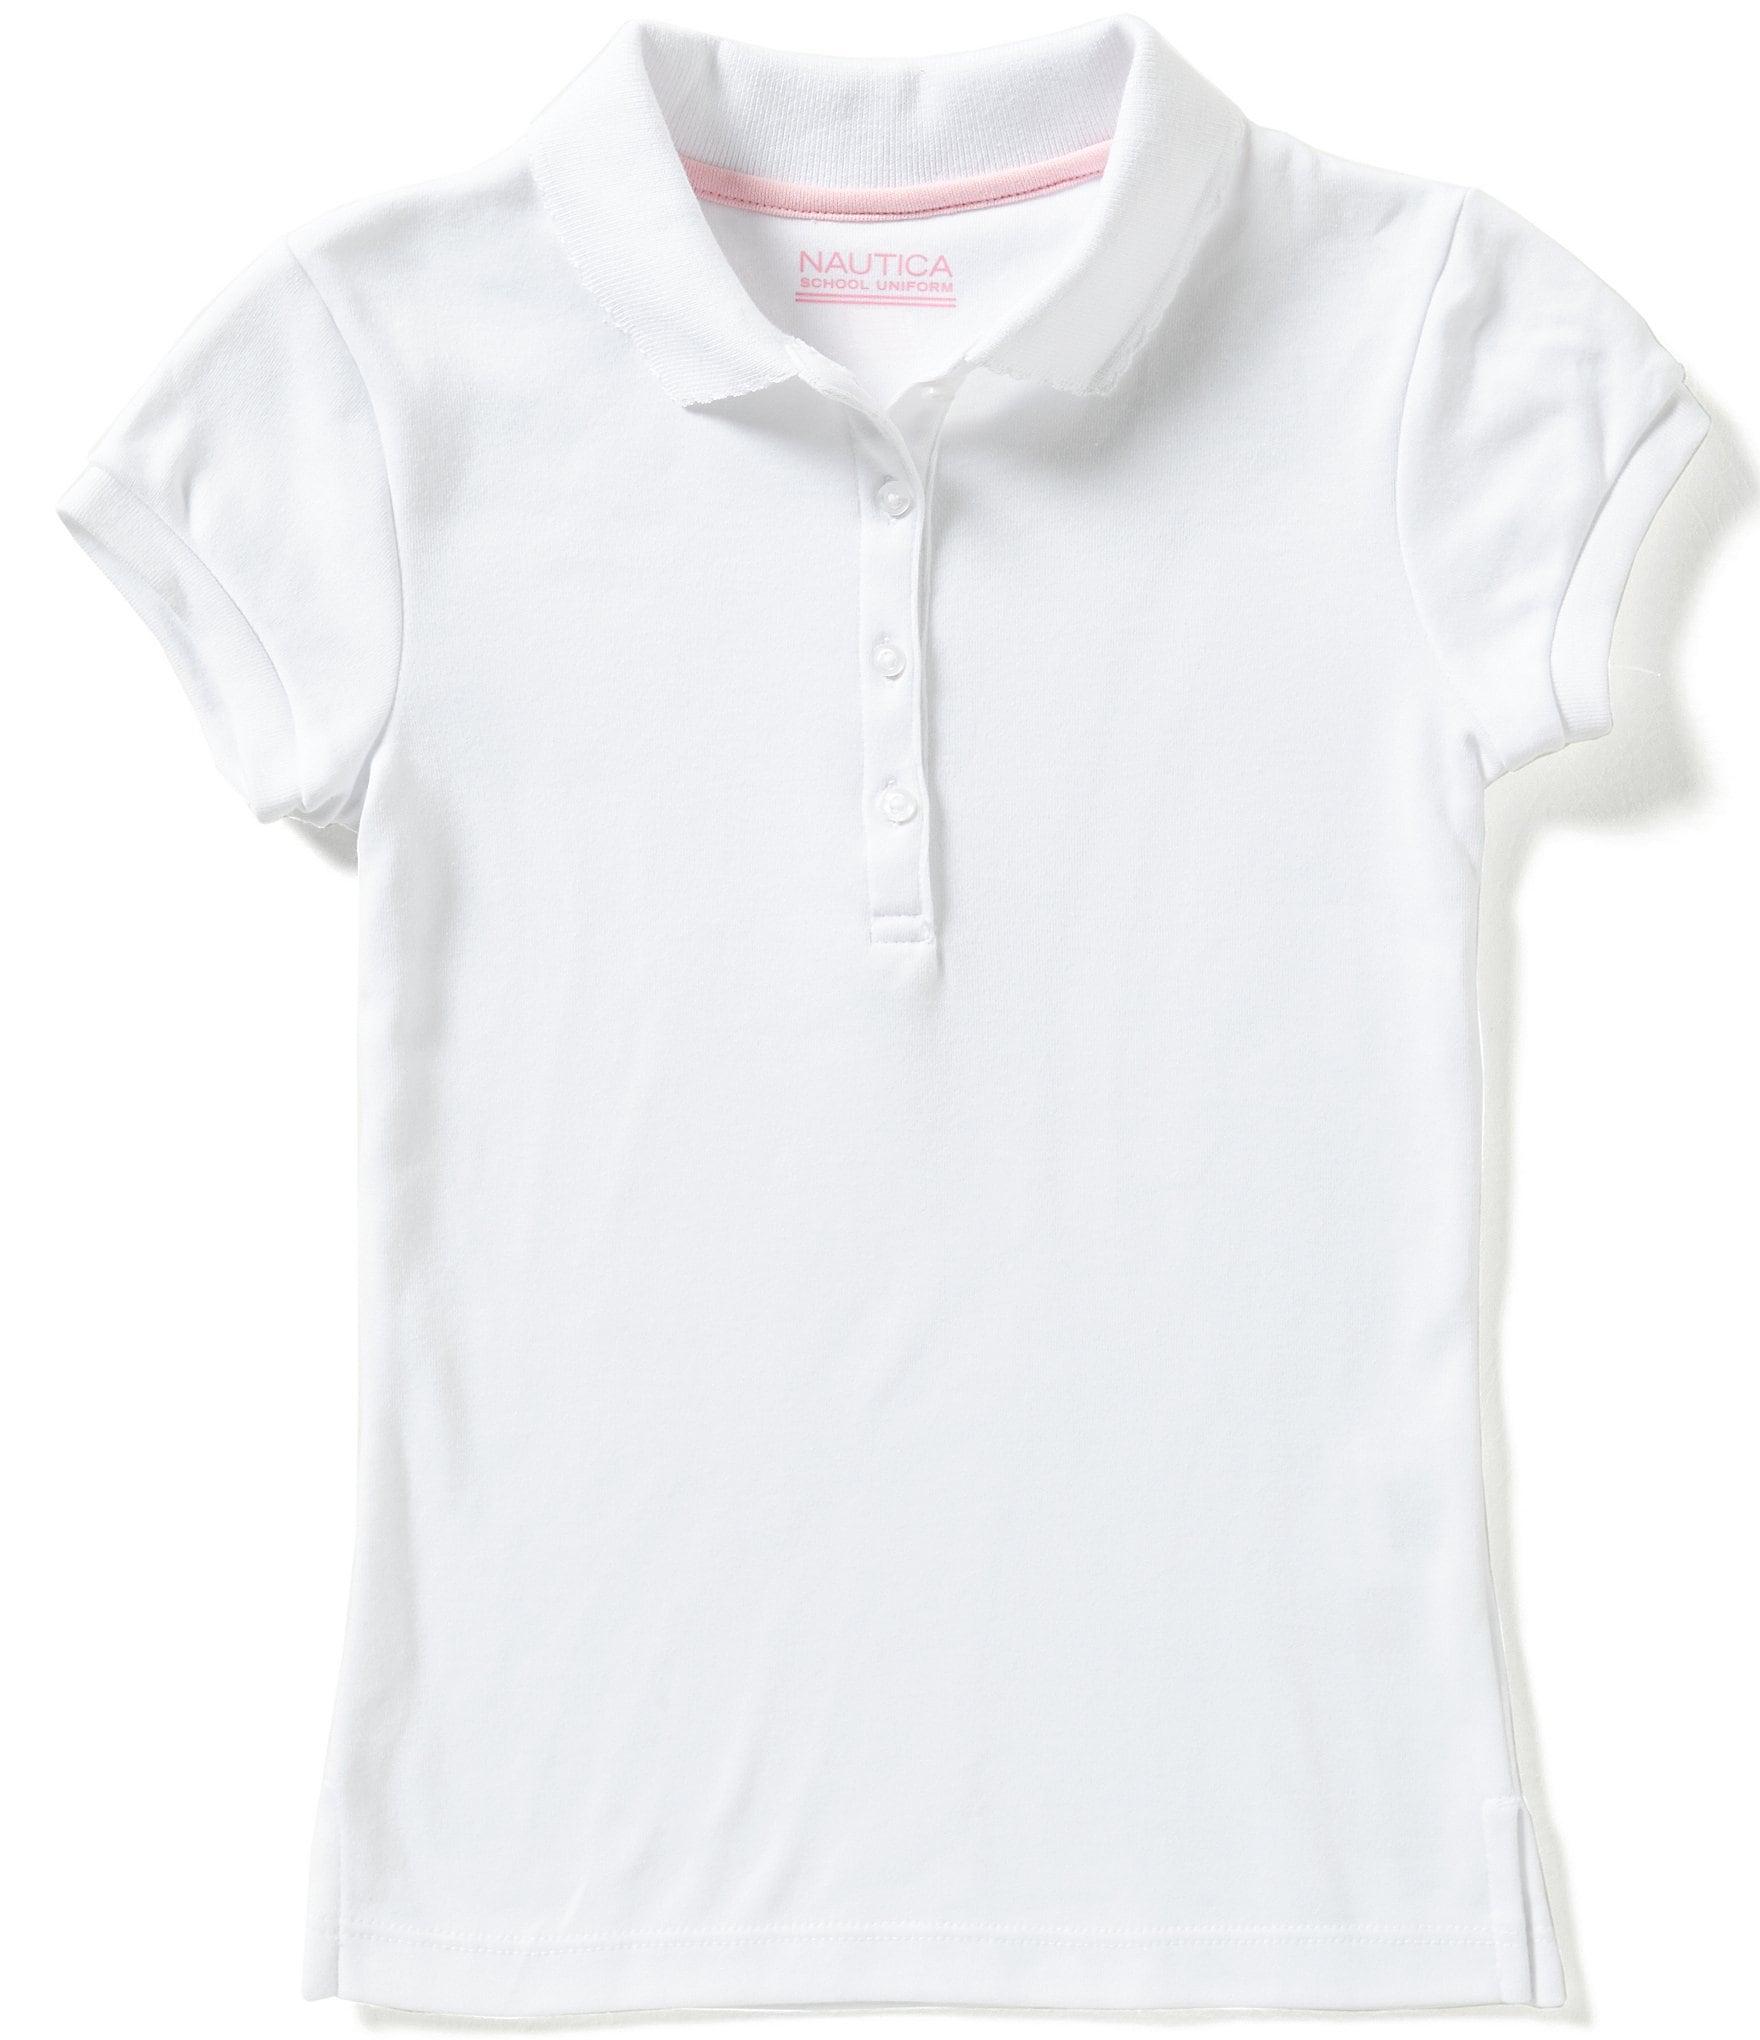 Nautica t shirts white kamos t shirt for Polo shirt girl addiction